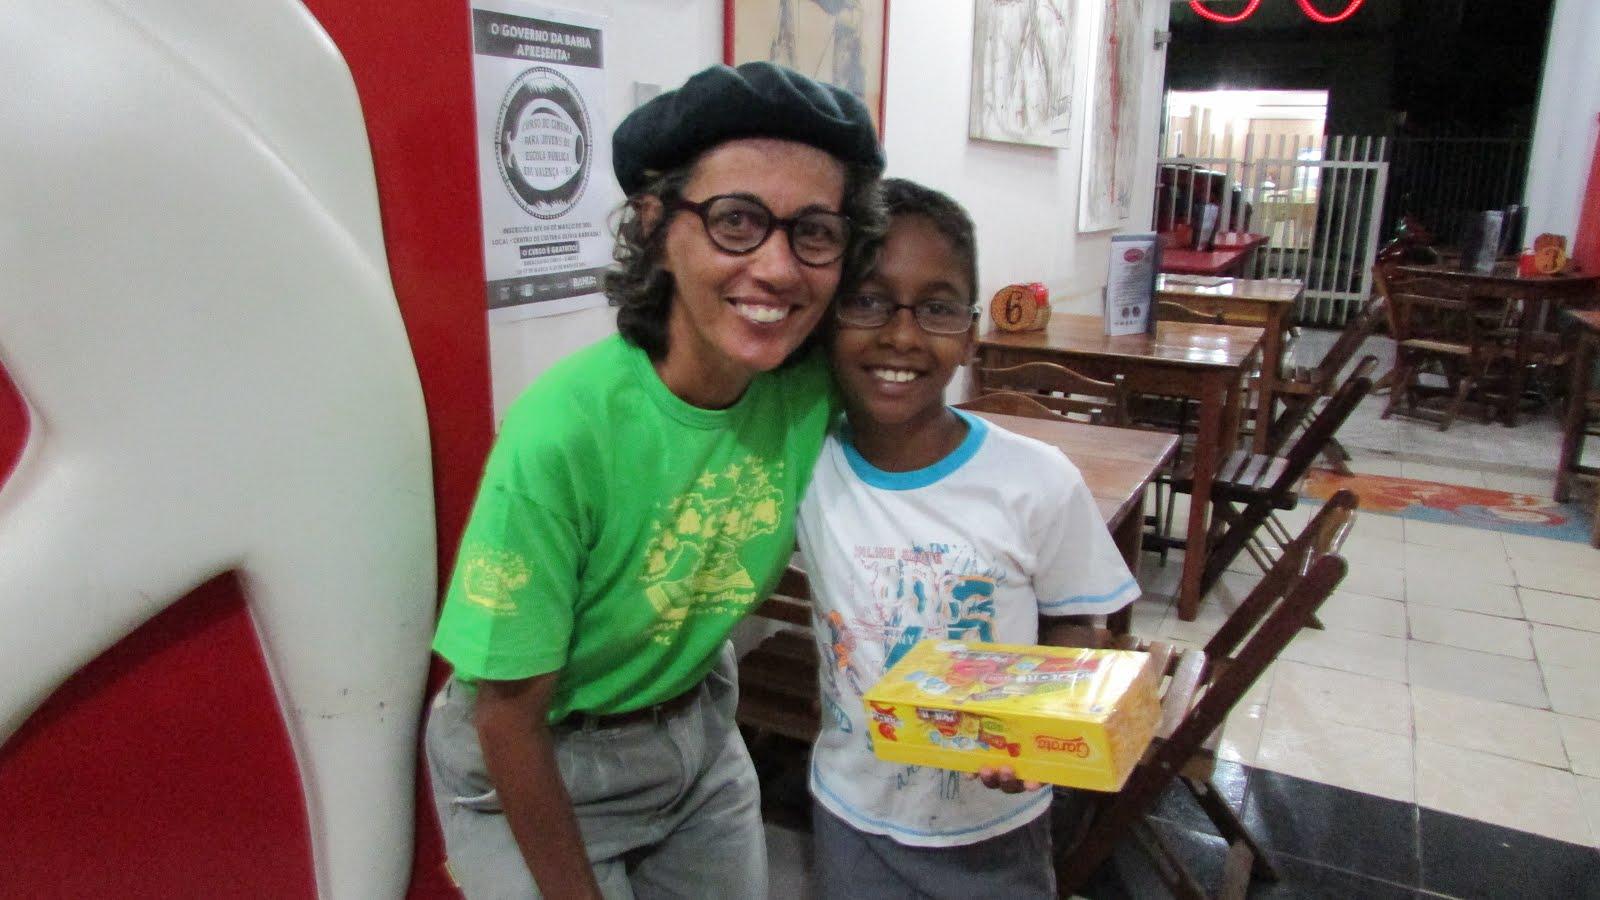 João, ganhador da caixa de chocolate